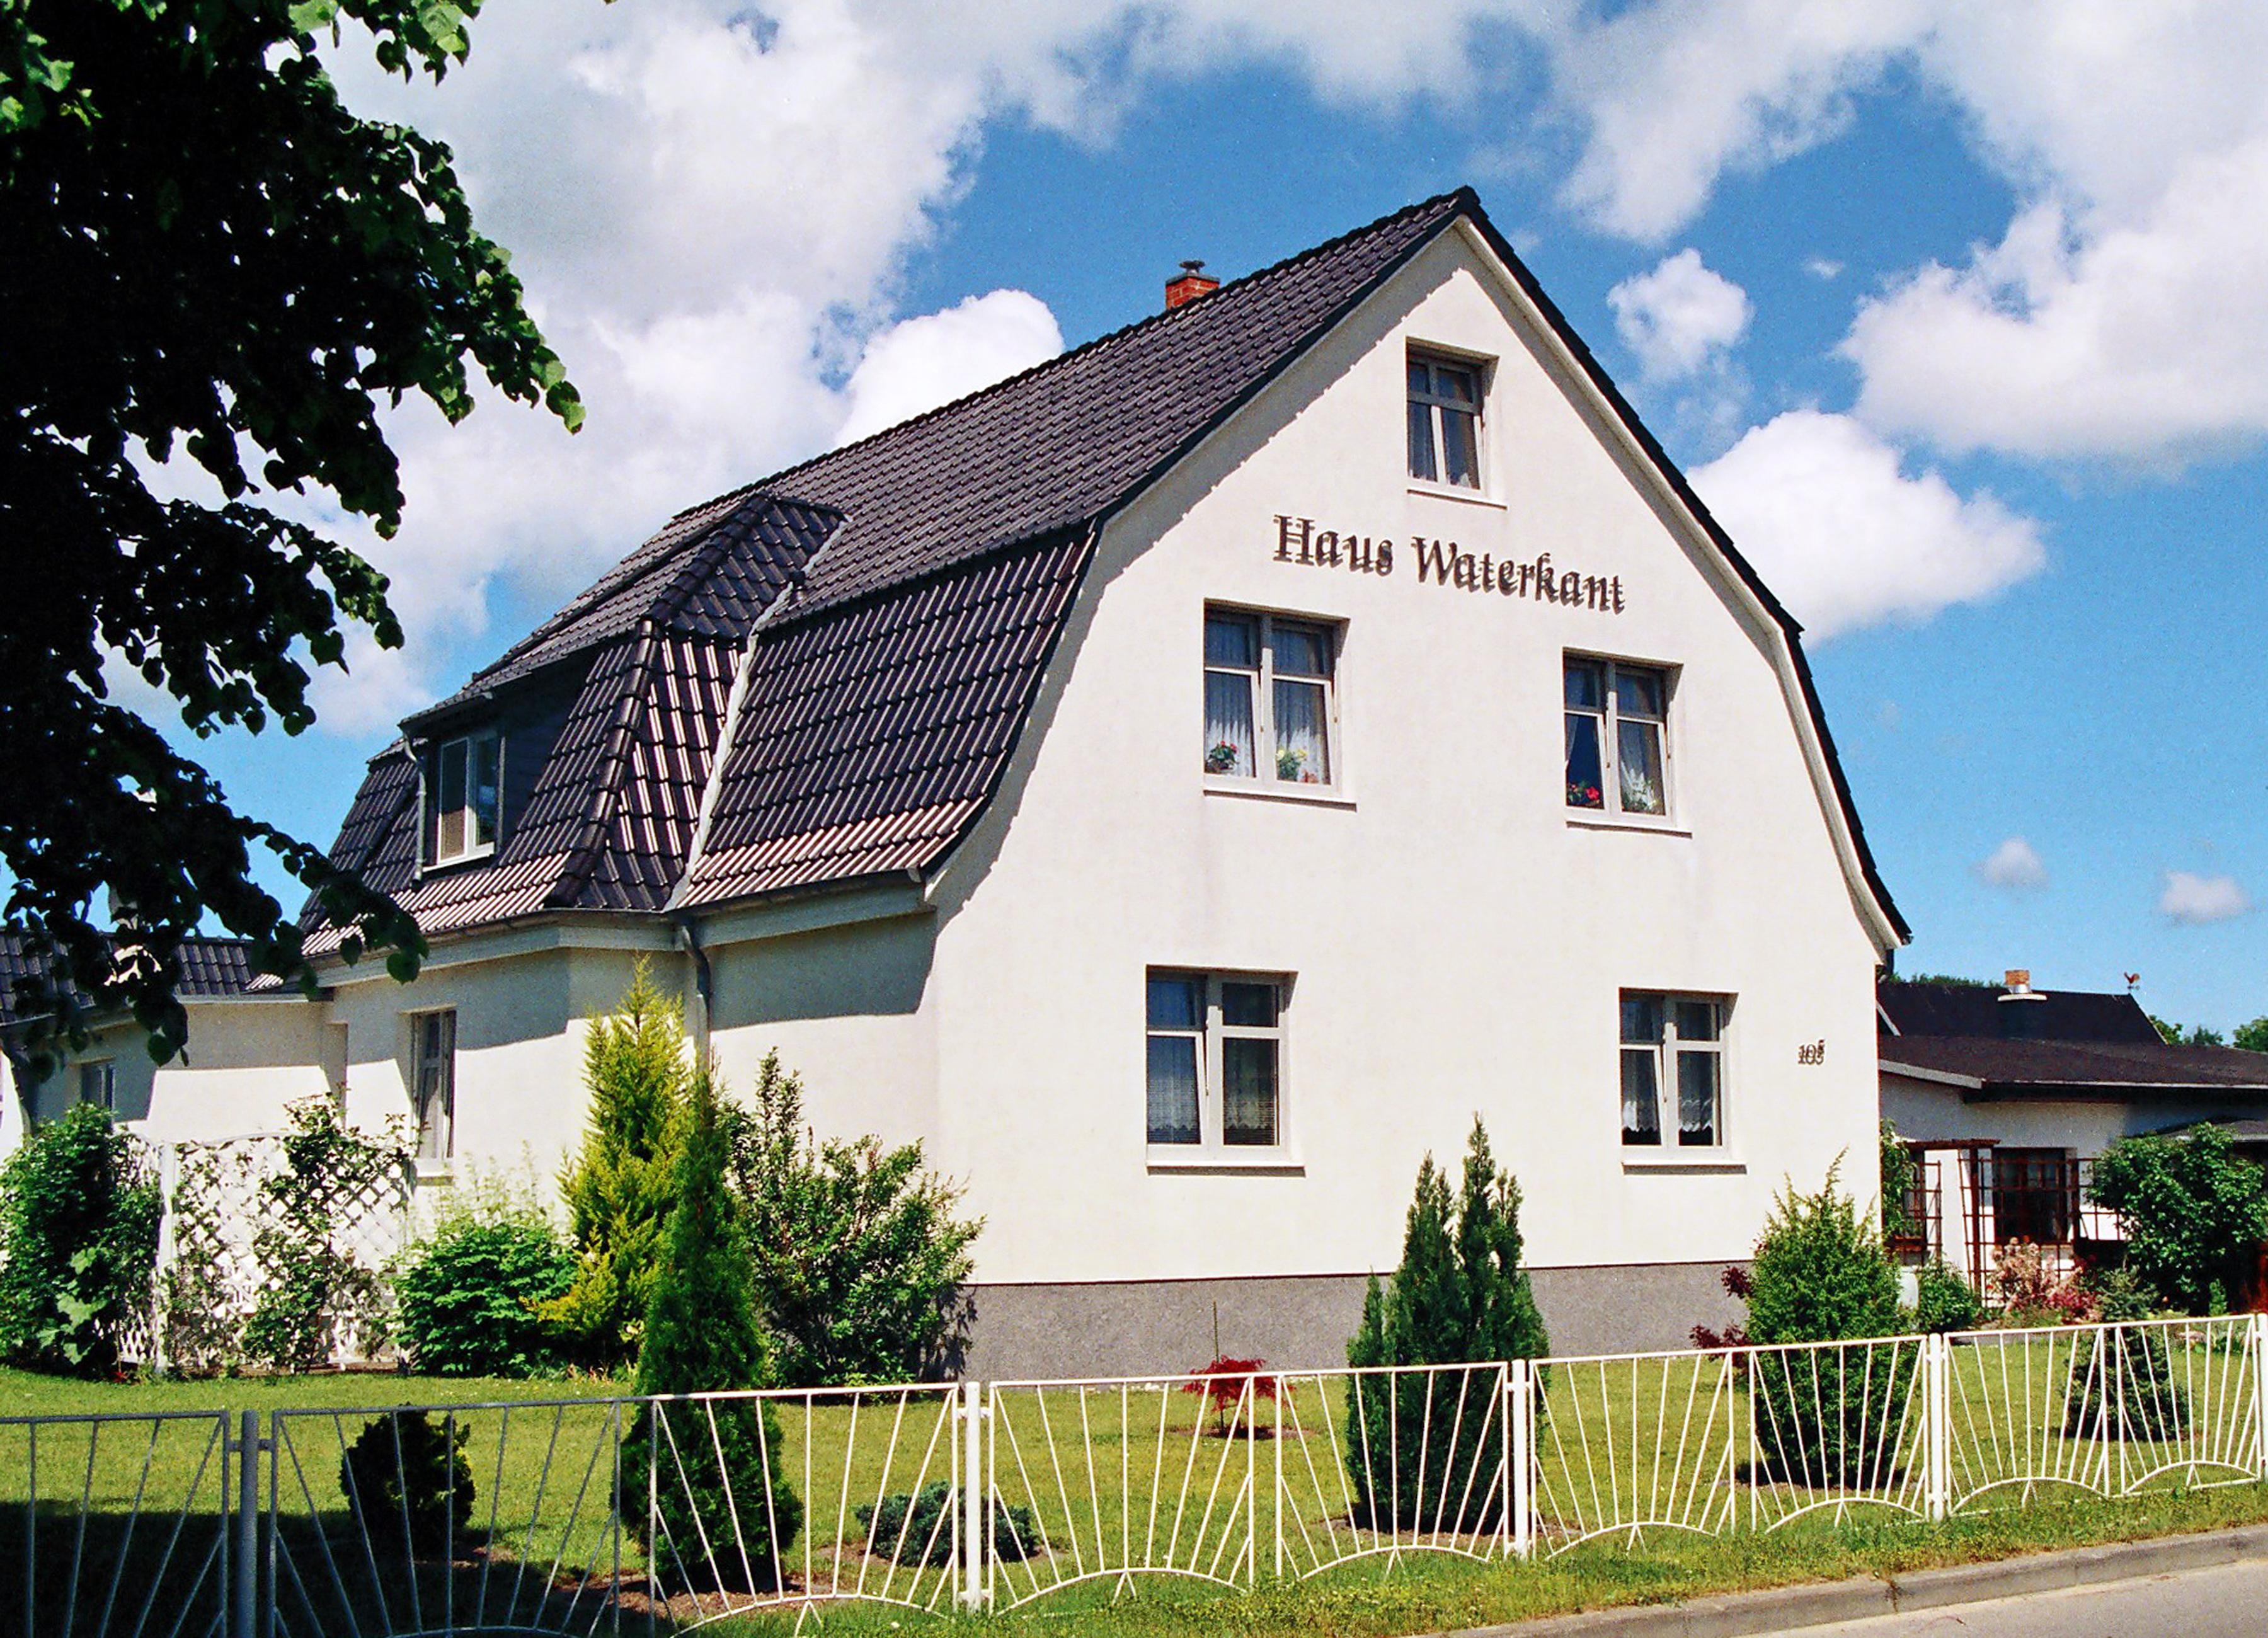 Ferienhaus in breege auf r gen for Haus ruegen